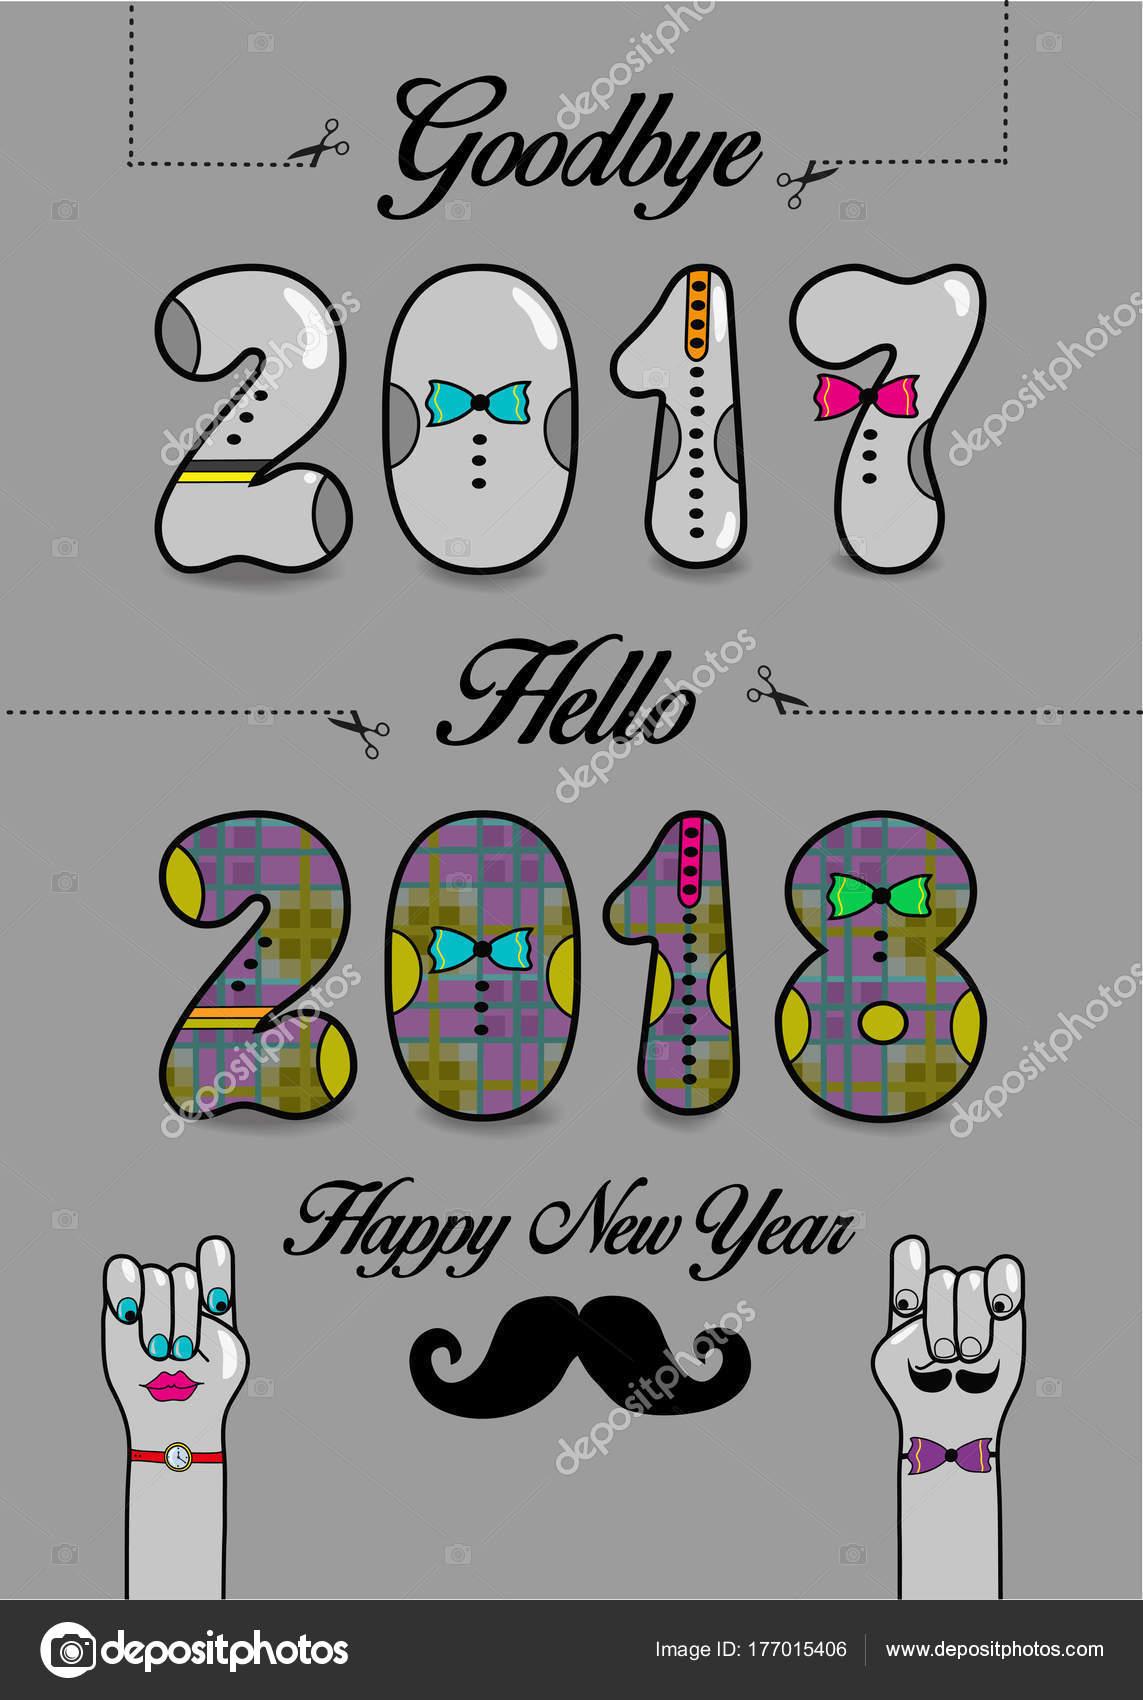 Adiós 2017 Hola 2018 Feliz Año Nuevo Archivo Imágenes